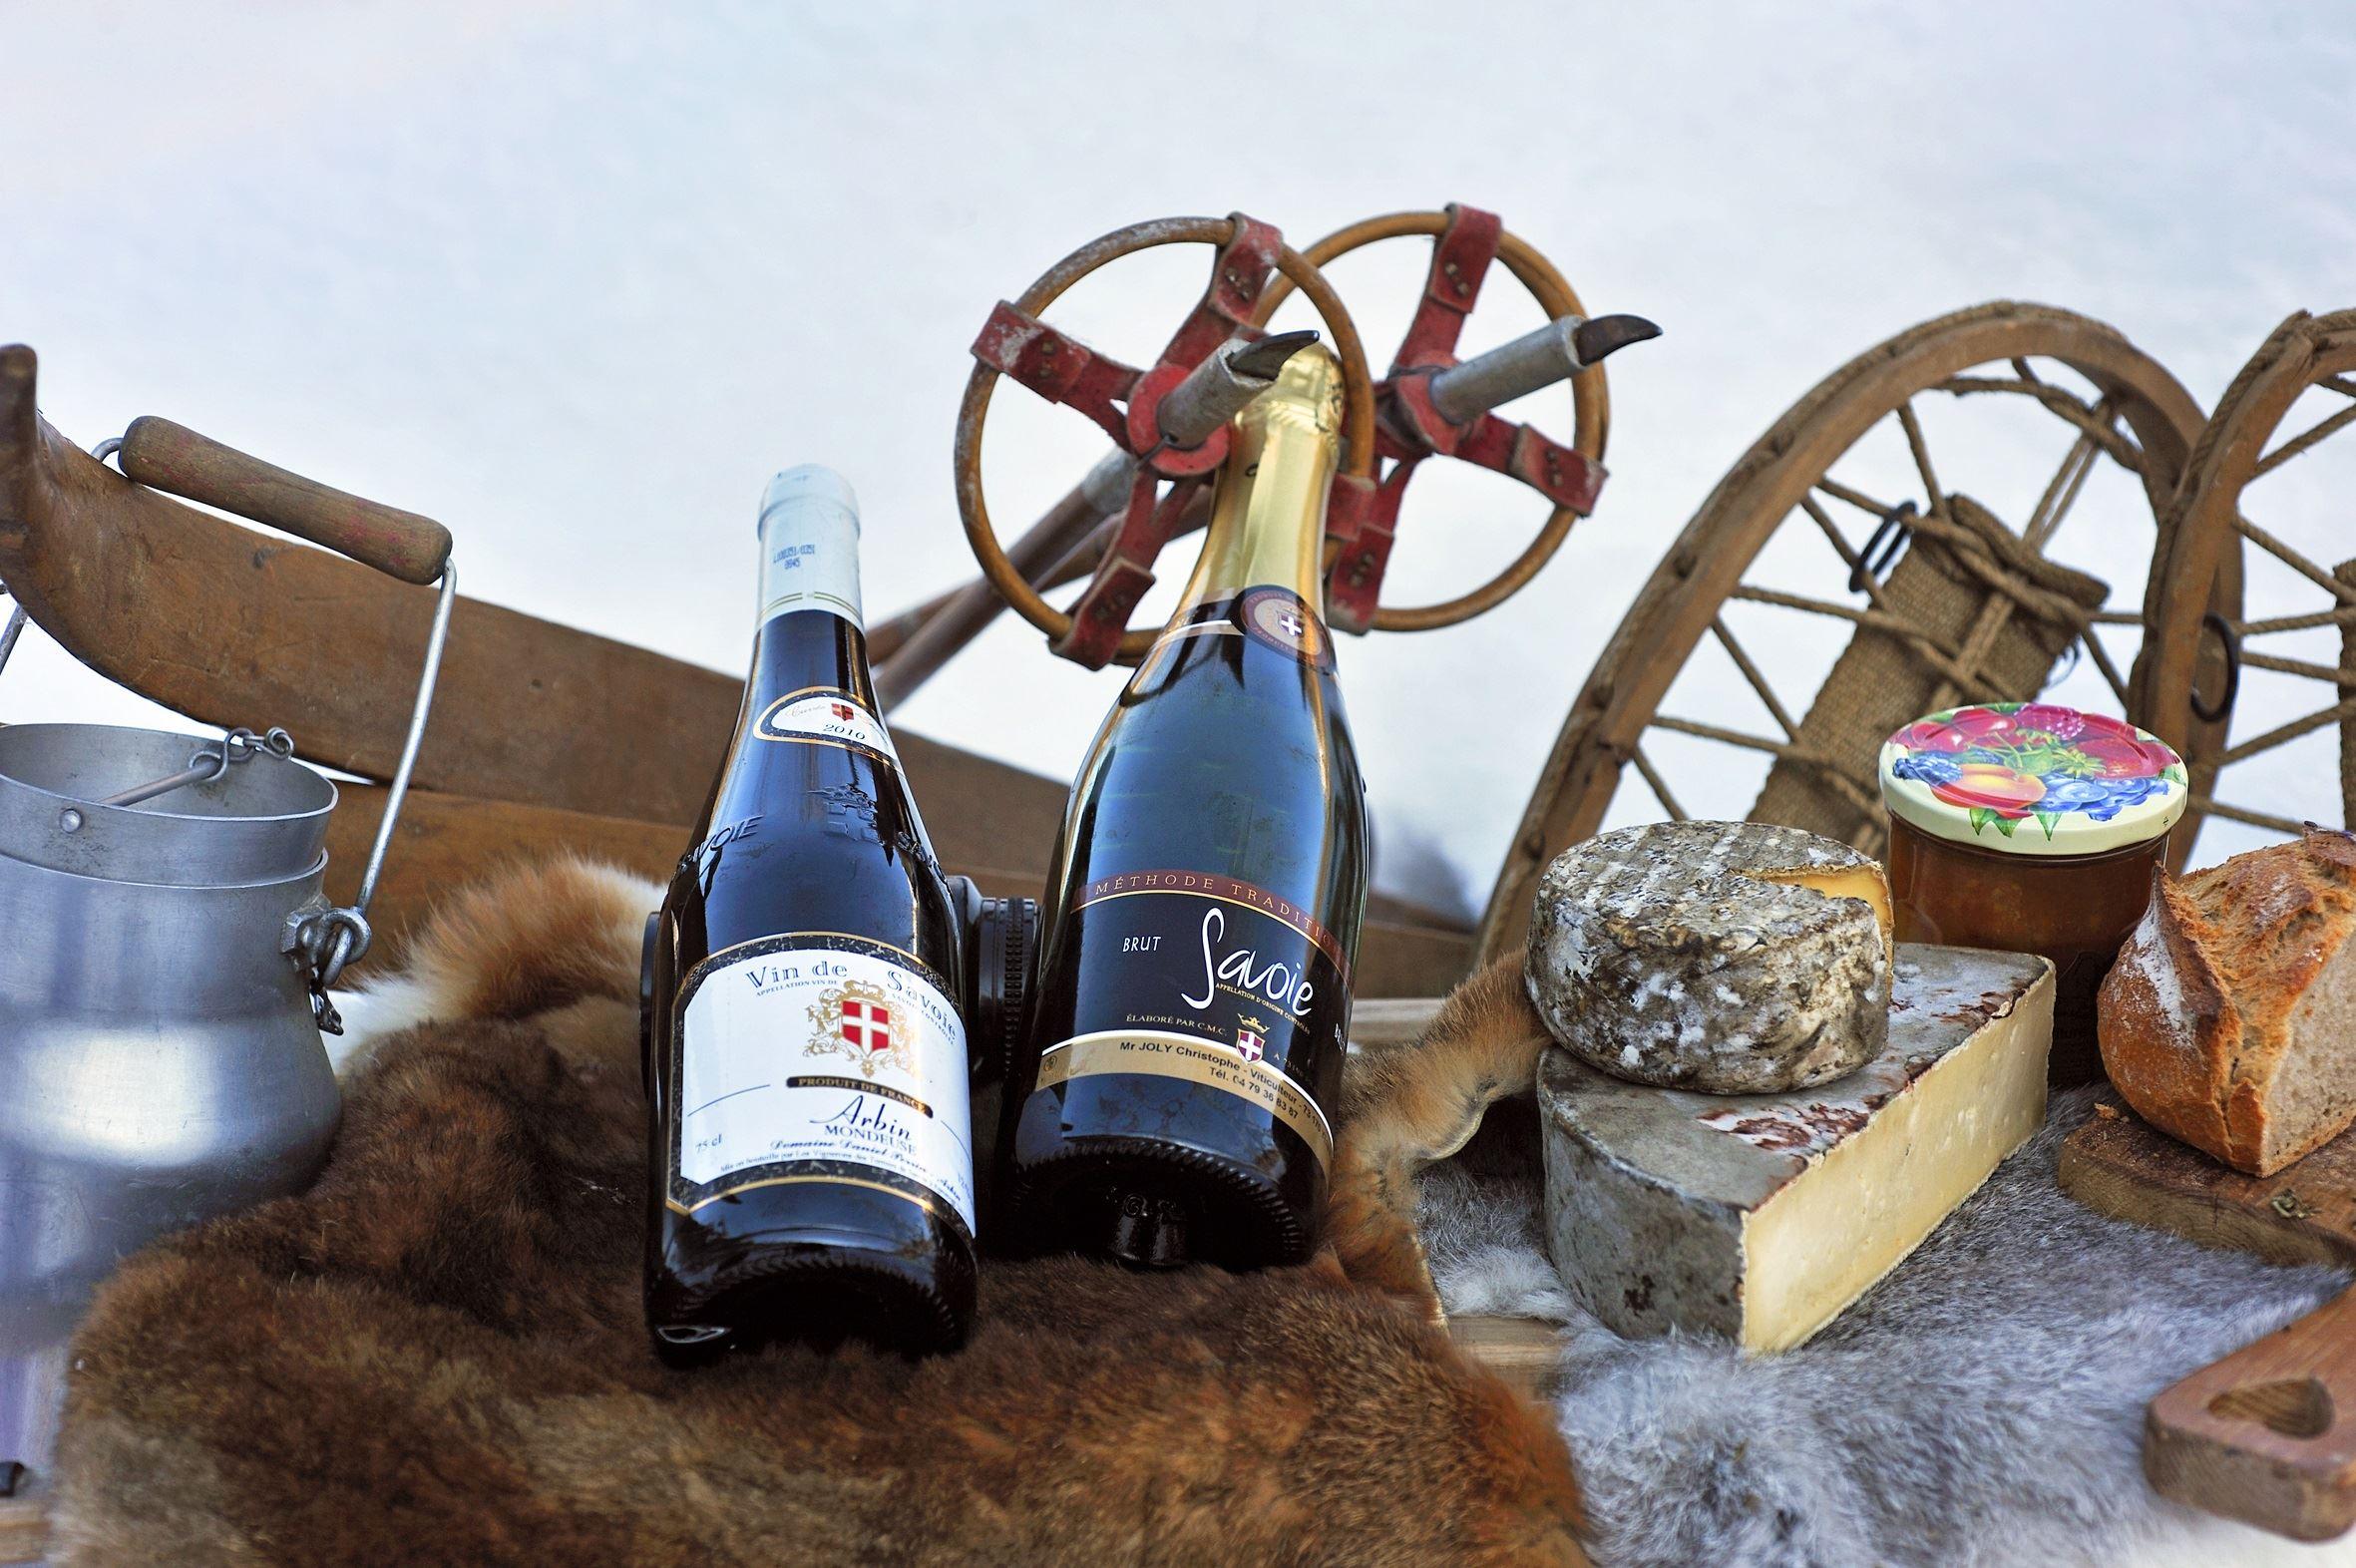 Entrée Gratuite, soirées Dégustation-Vente, Semaine des vignerons